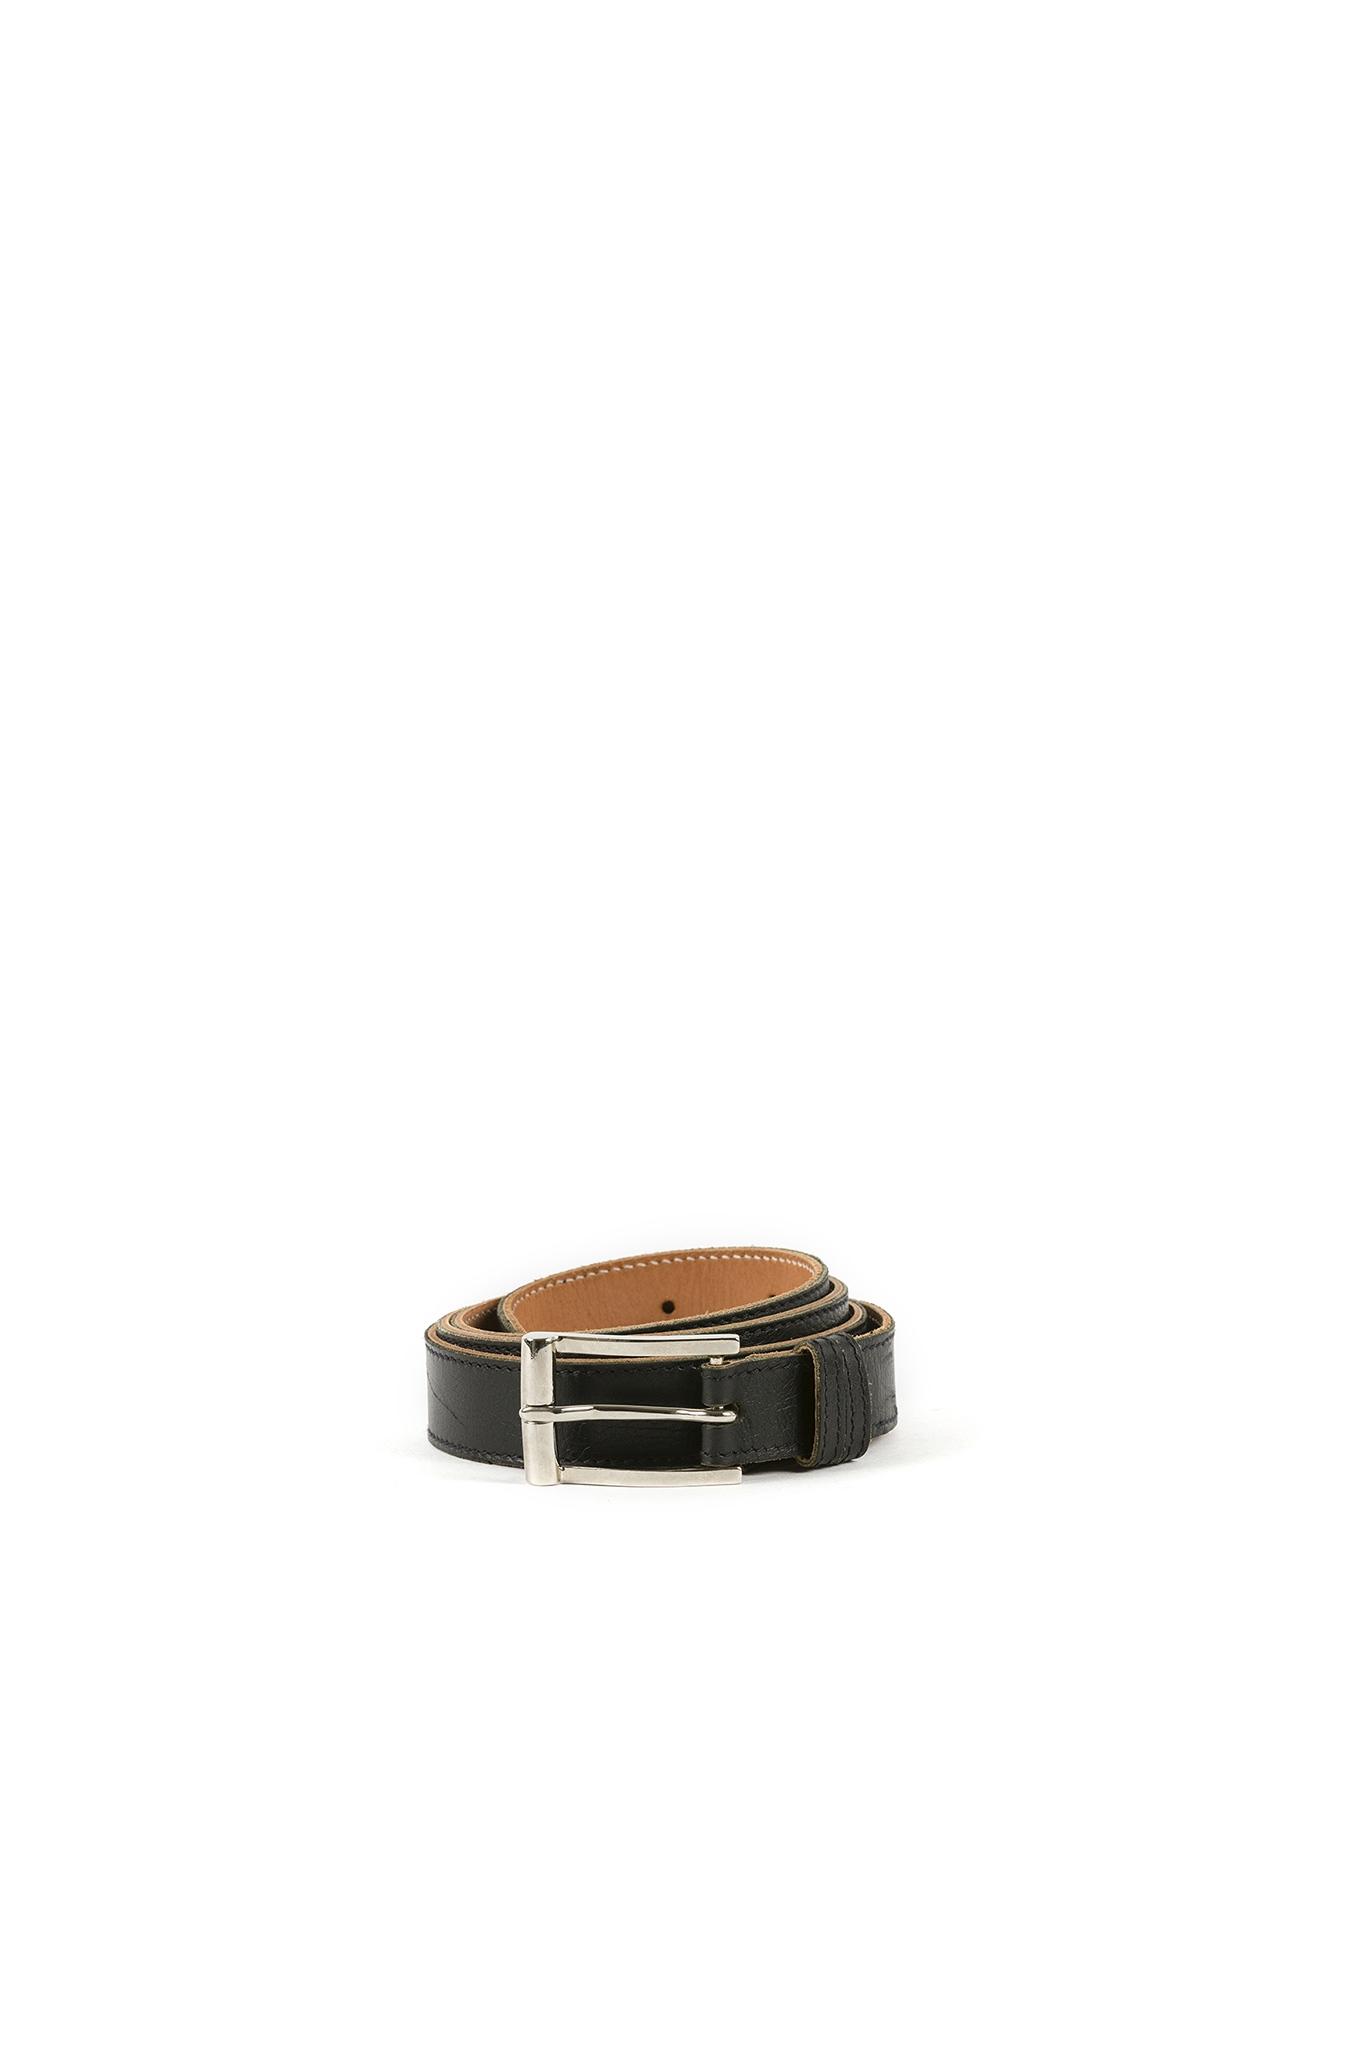 Pilot Belt - Glossy leather - Black color